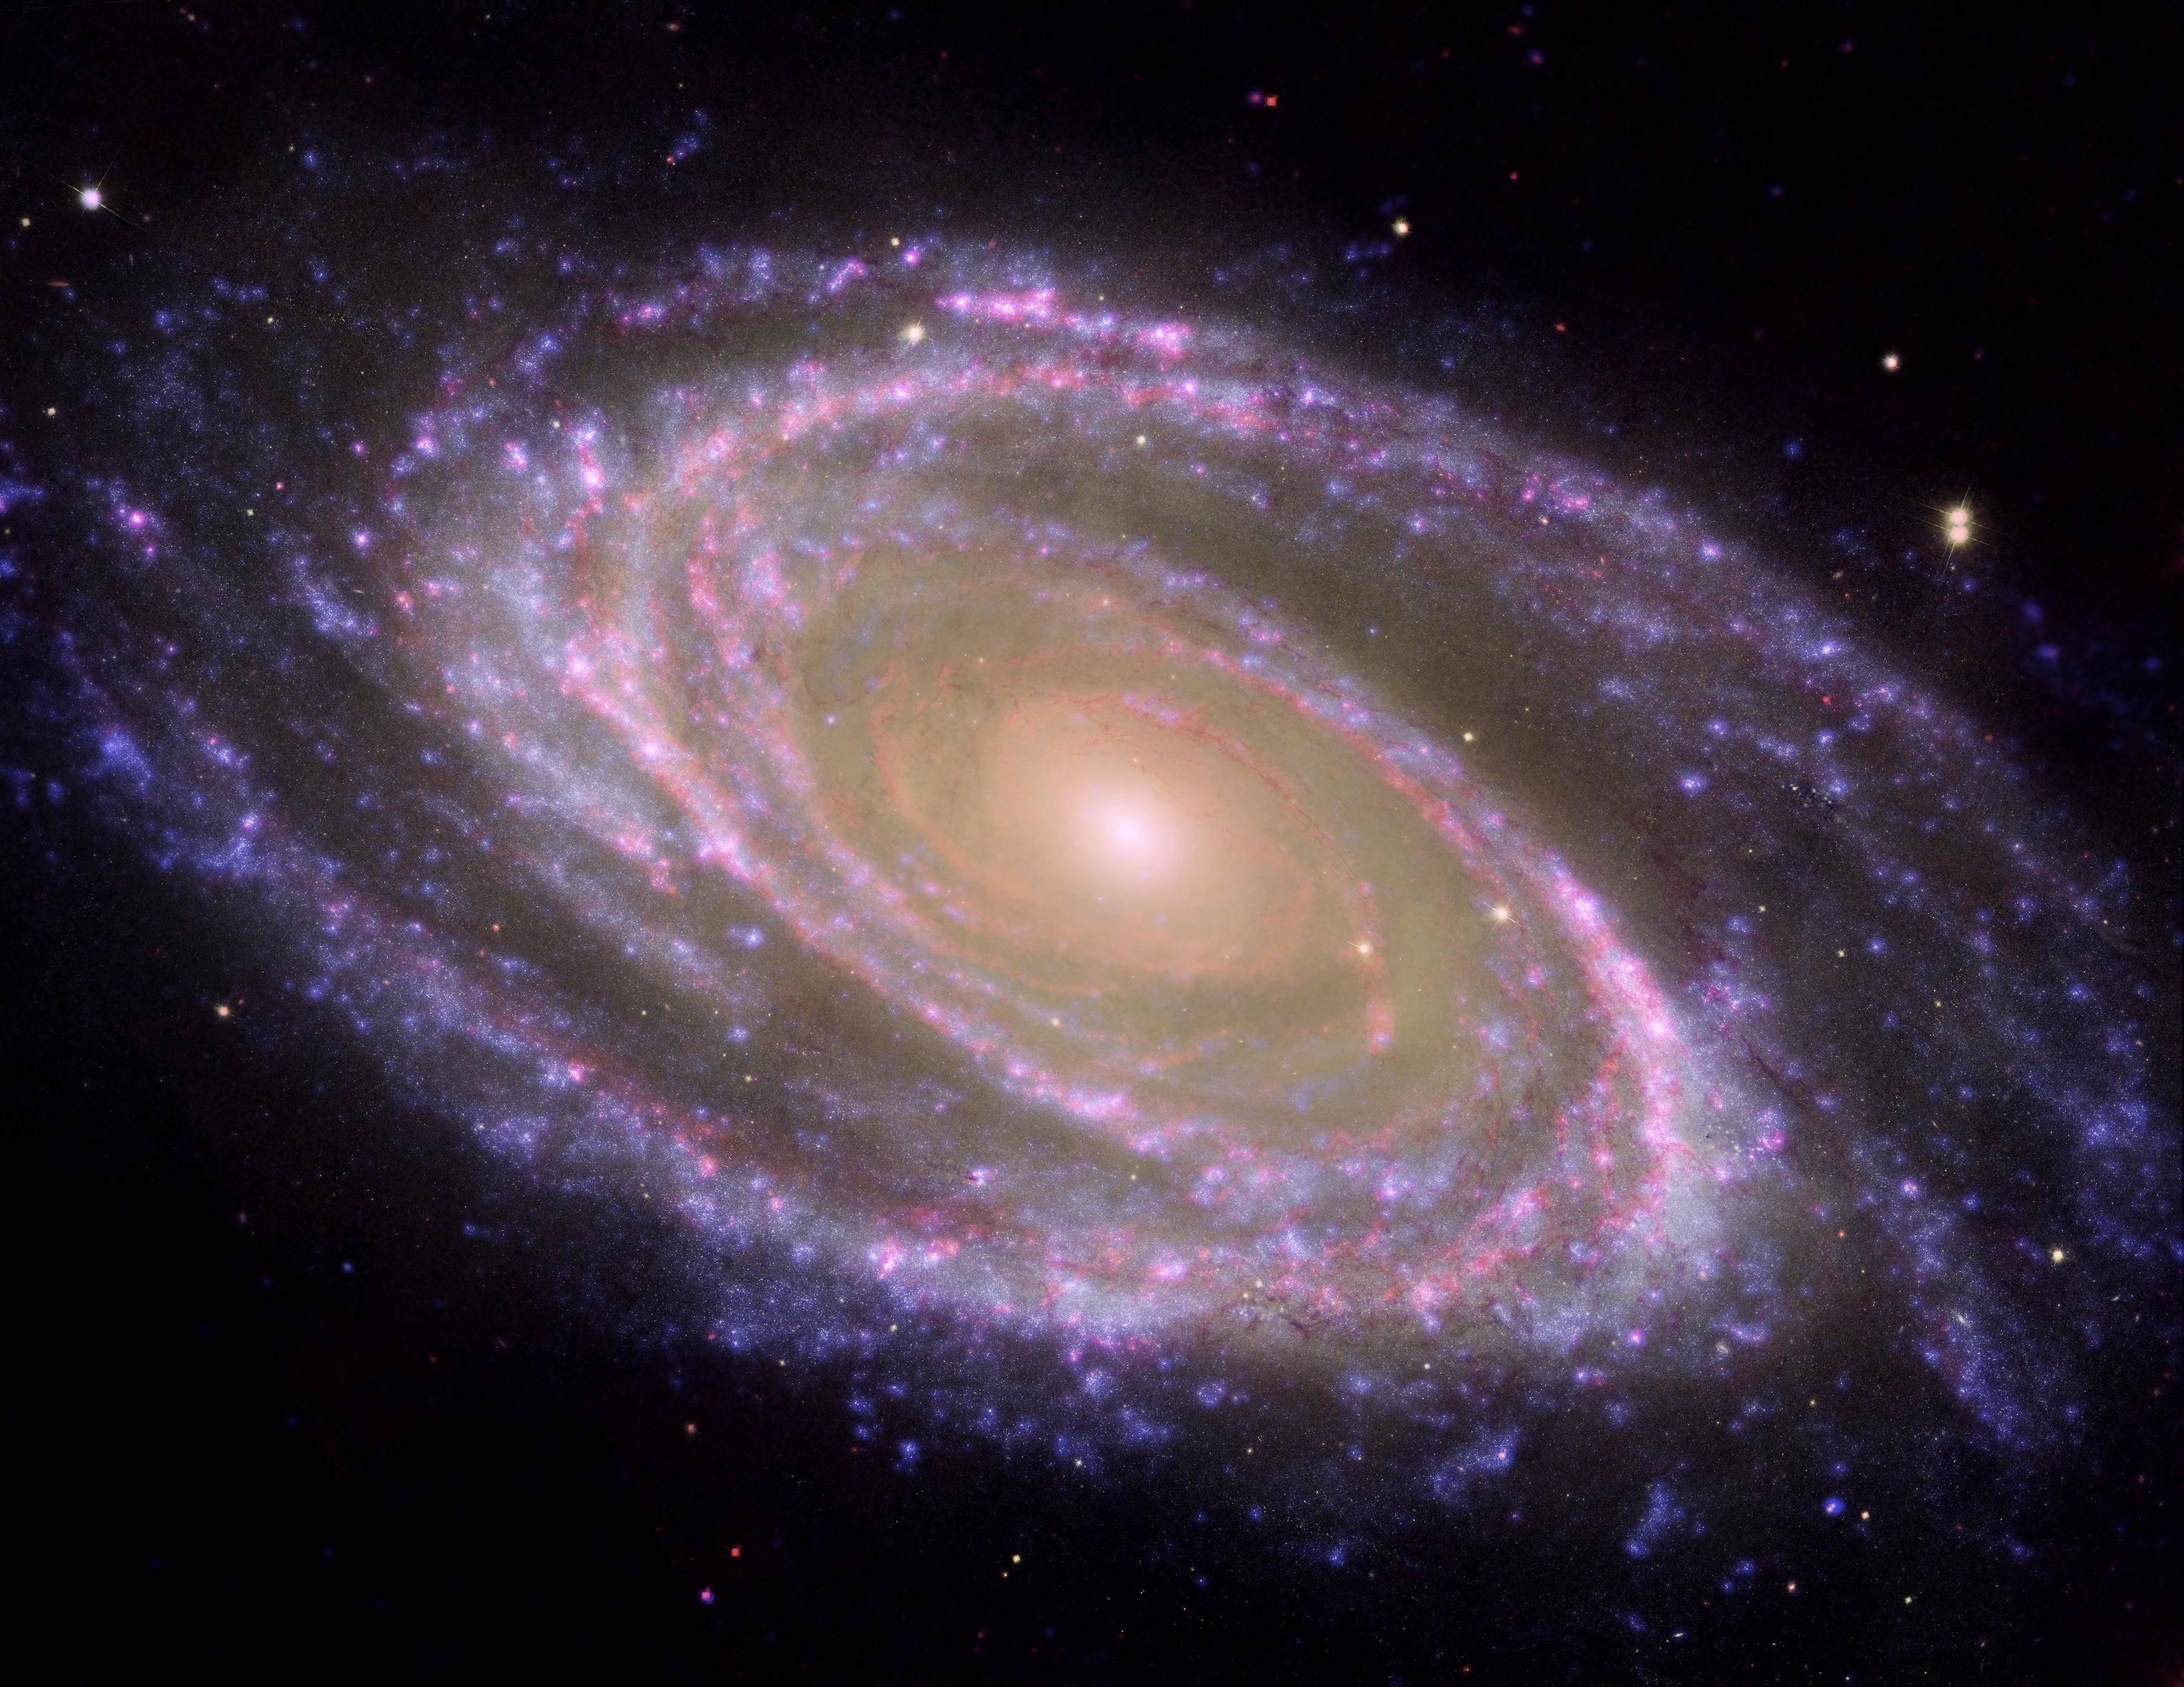 Galáxia espiral Messier 81, ou M81